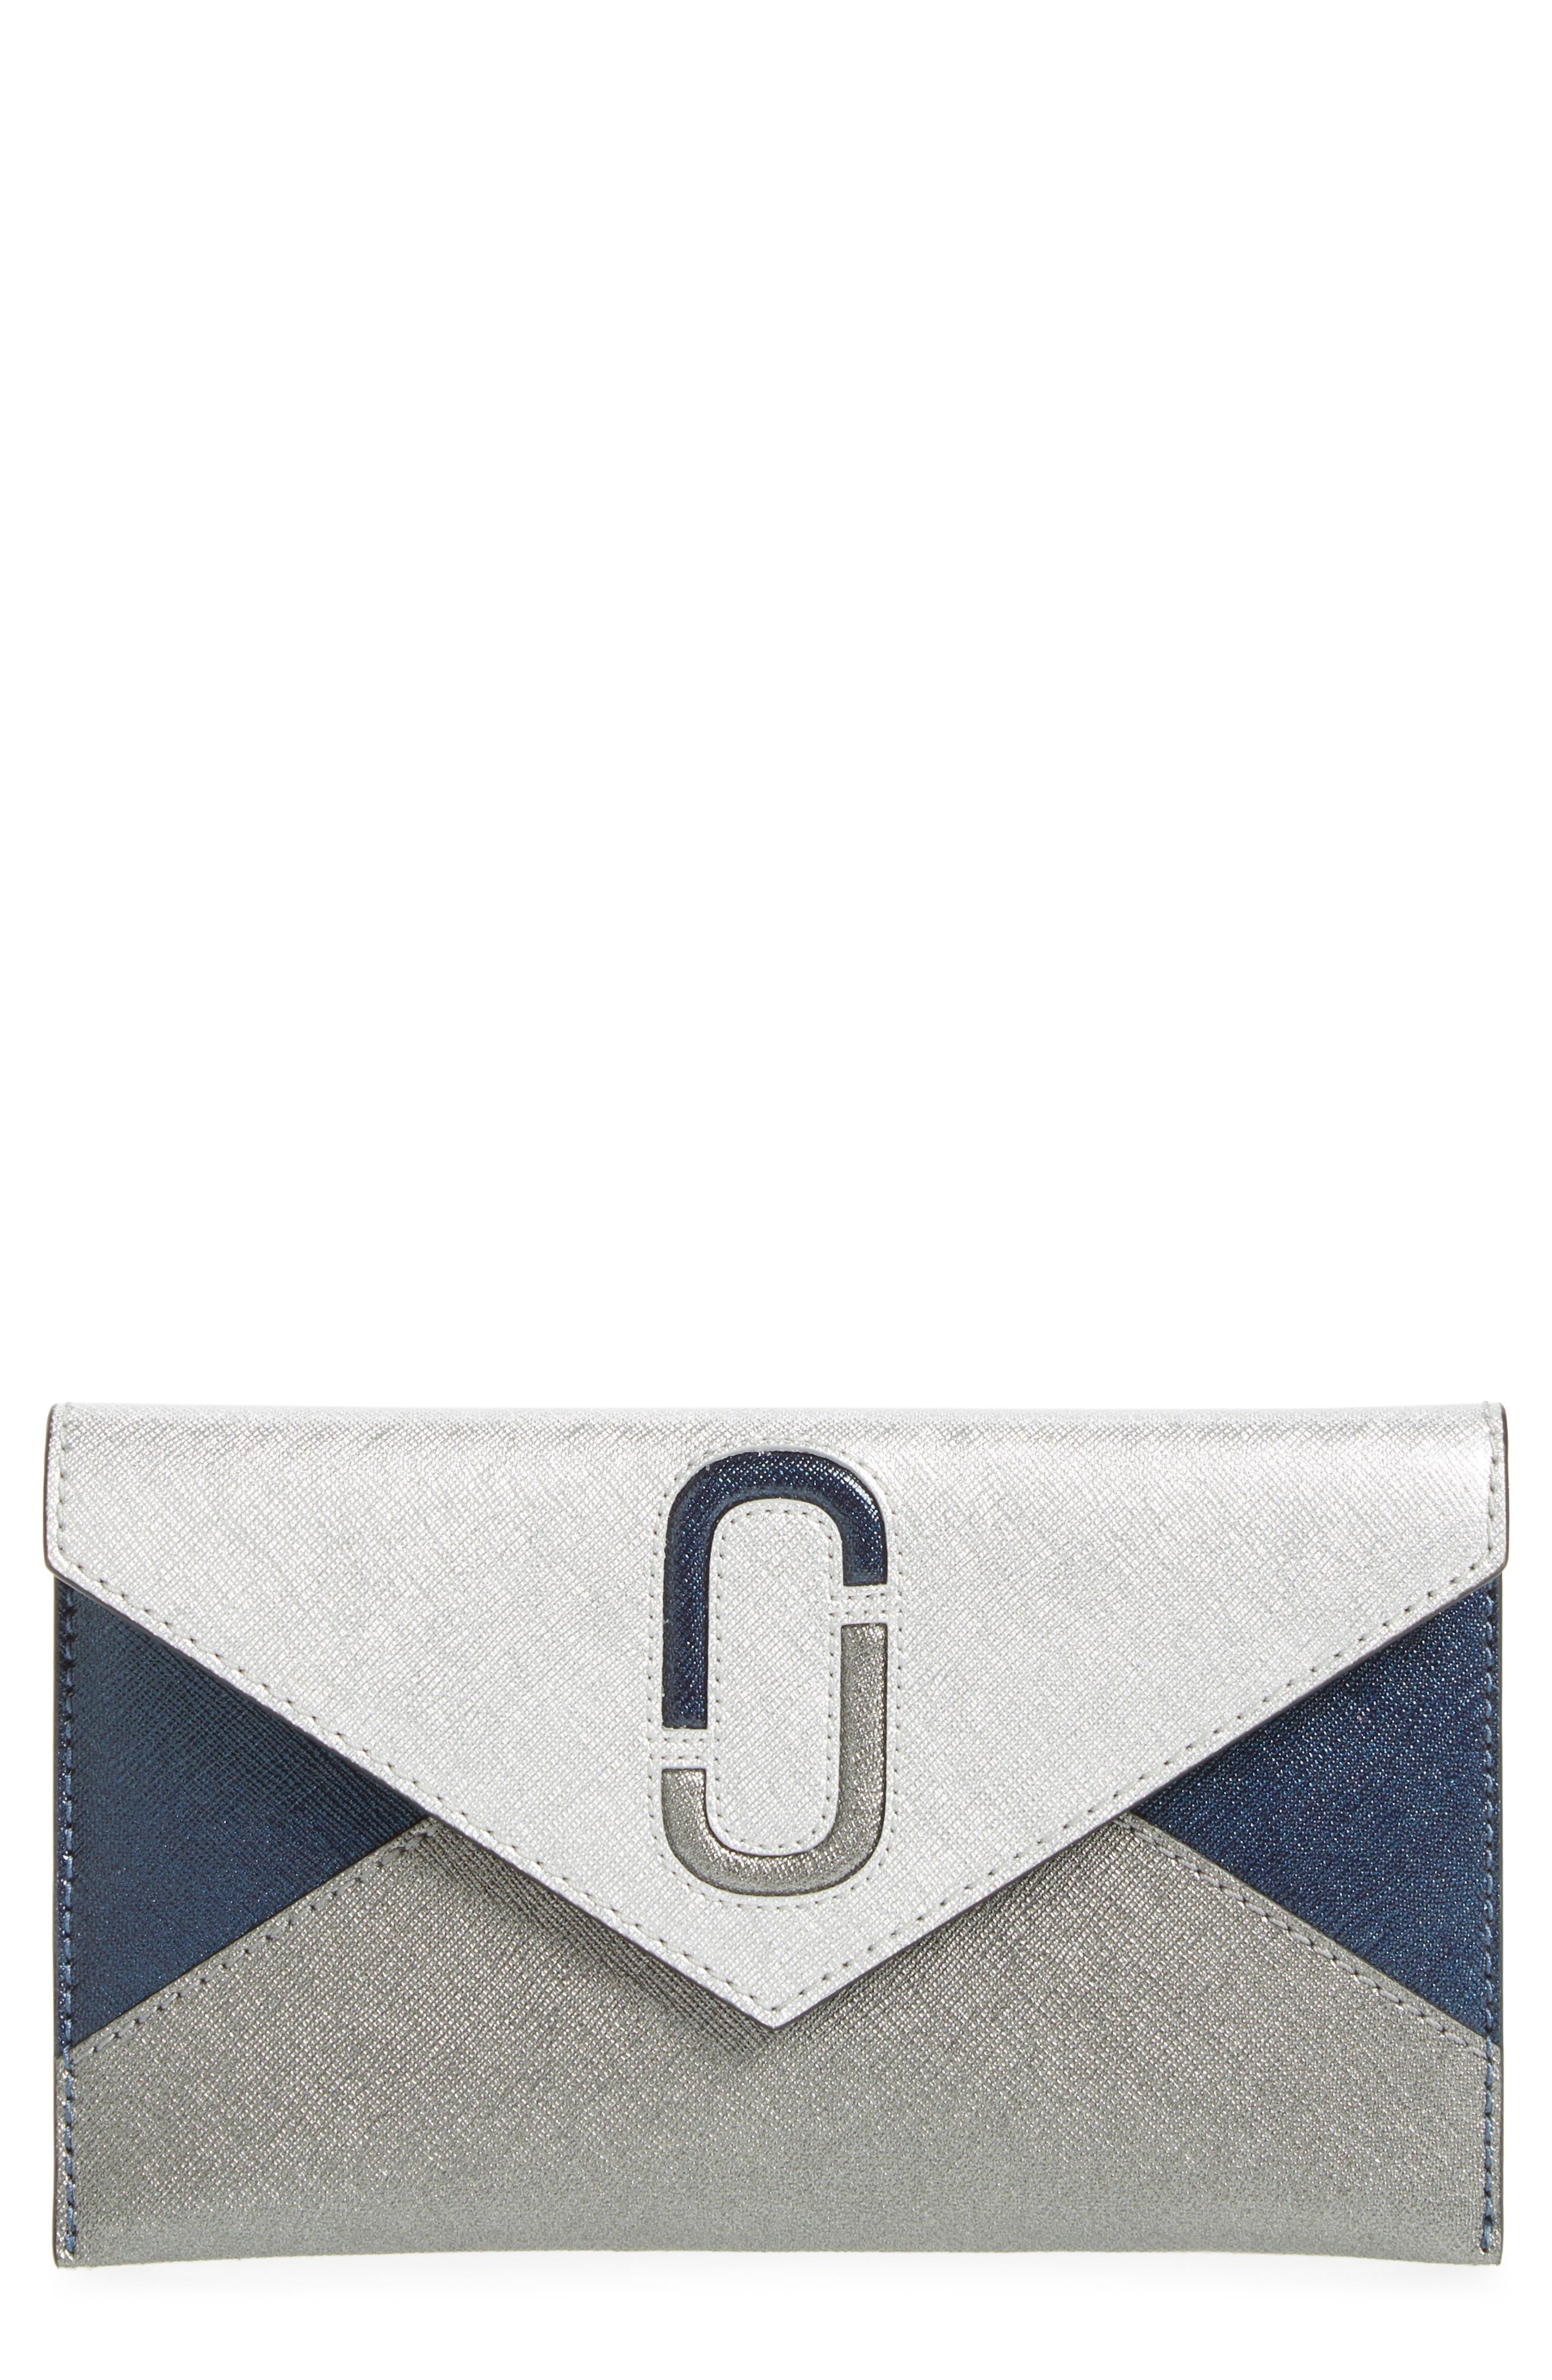 Double-J Saffiano Leather Pouch,                             Main thumbnail 1, color,                             040